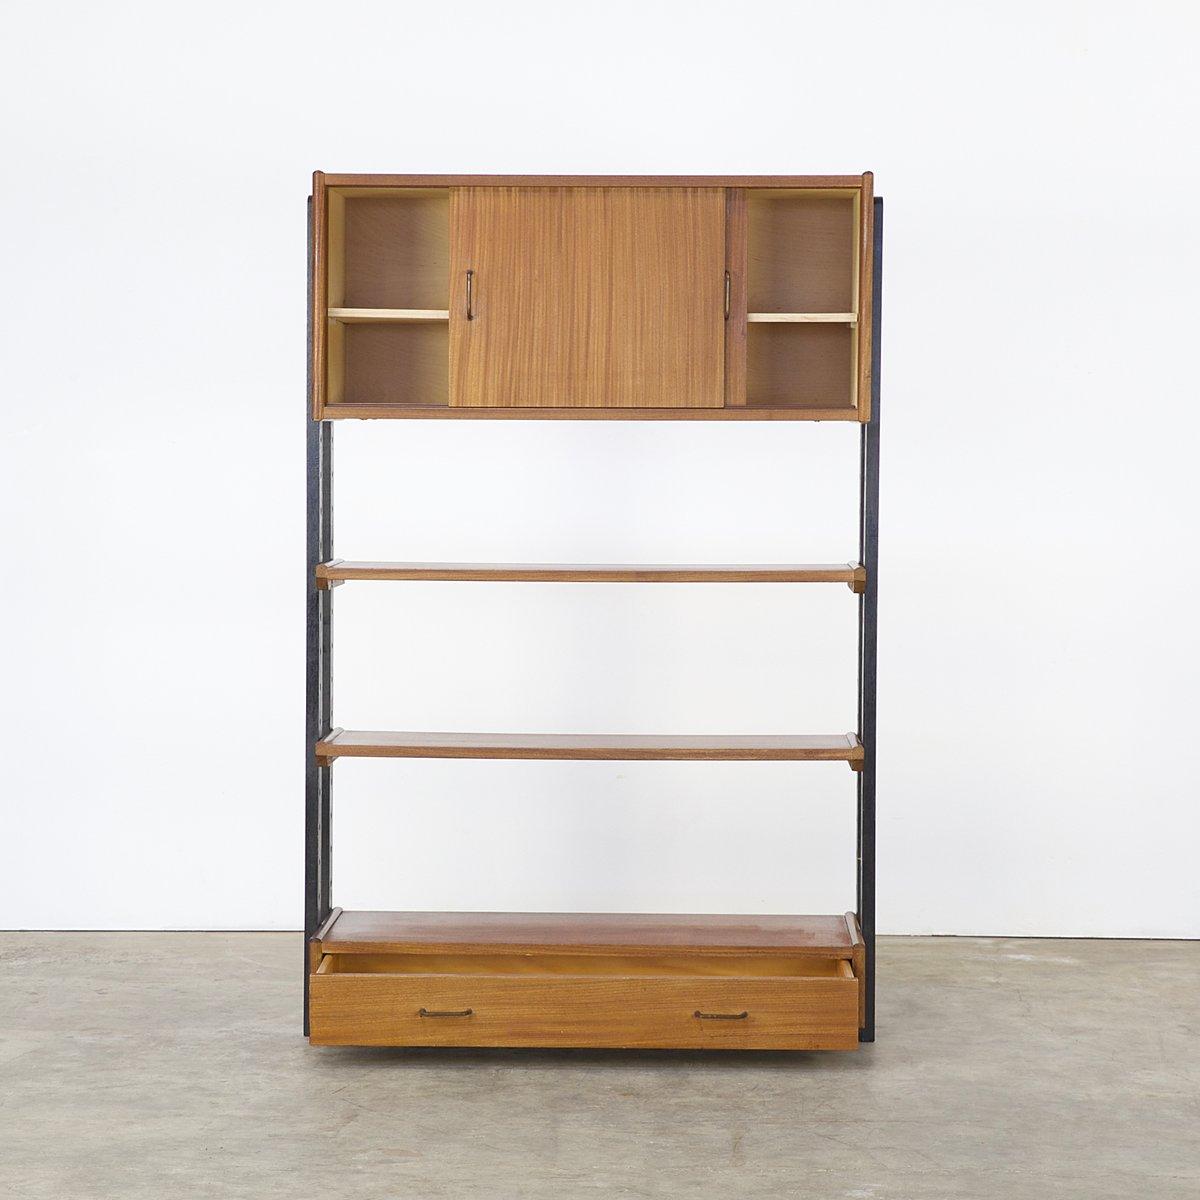 wandregal aus teak holz von simpalux 1950er bei pamono kaufen. Black Bedroom Furniture Sets. Home Design Ideas